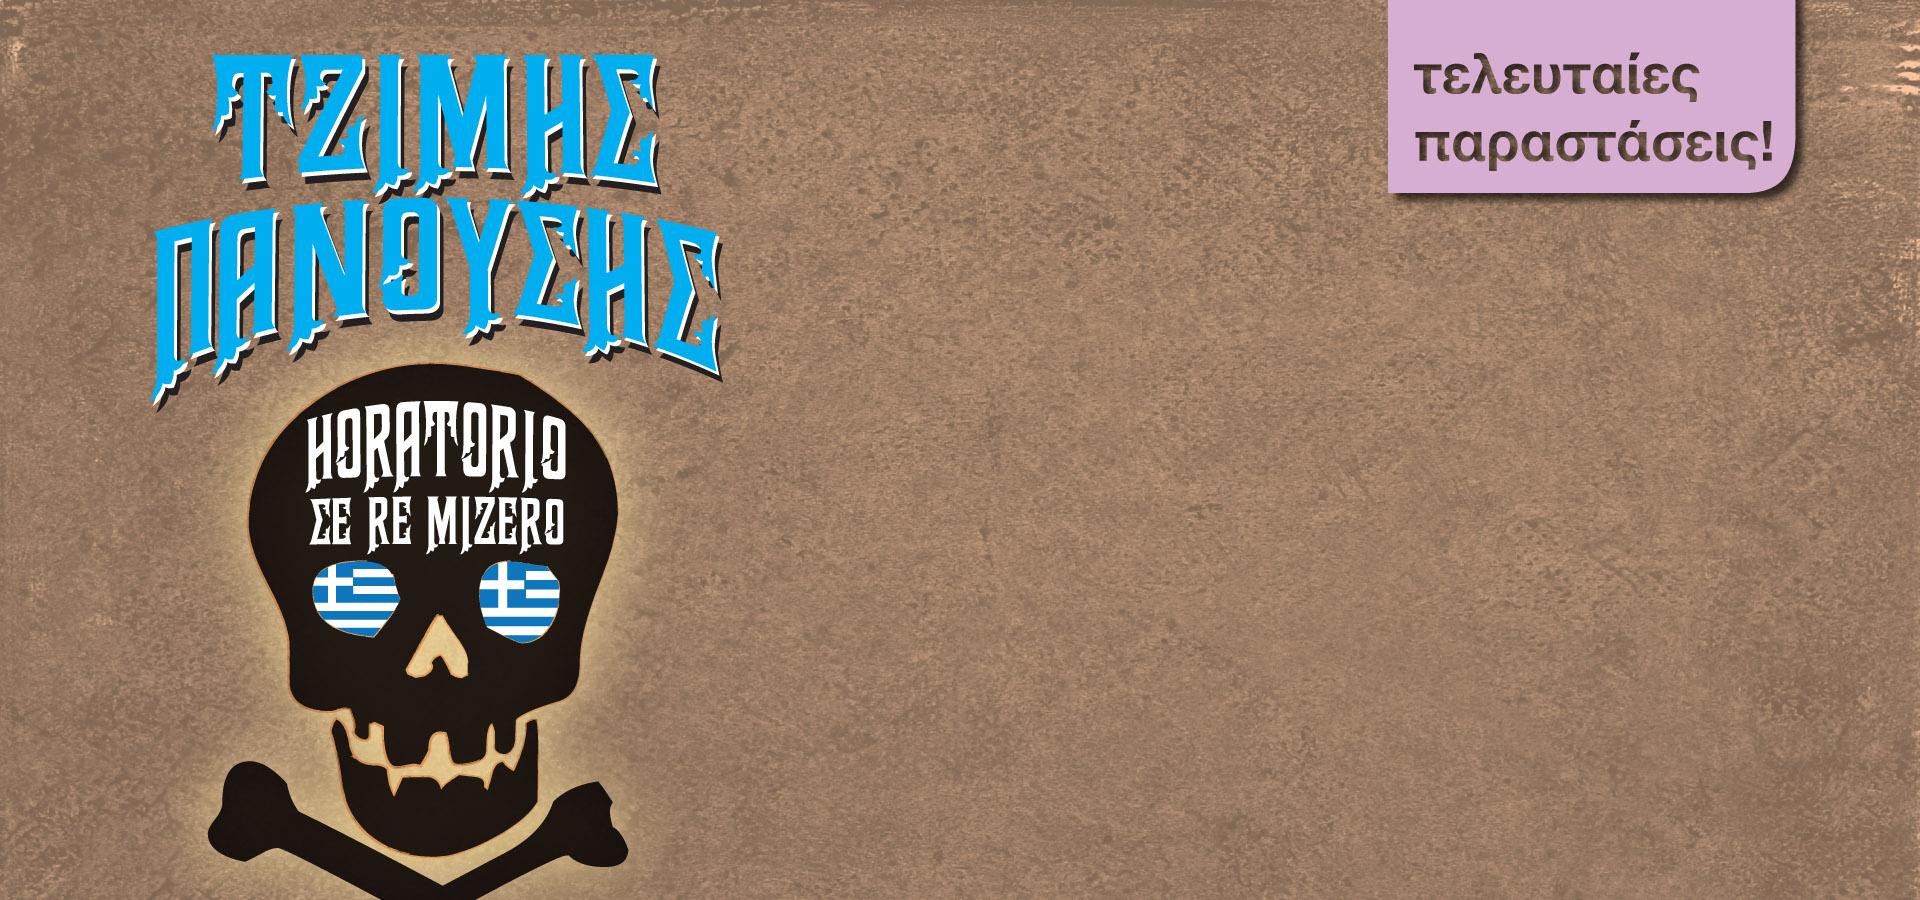 """ΤΖΙΜΗΣ ΠΑΝΟΥΣΗΣ Νέα παράσταση """" HORATORIO ΣΕ RE MIZERO """" Horatorio_bg"""